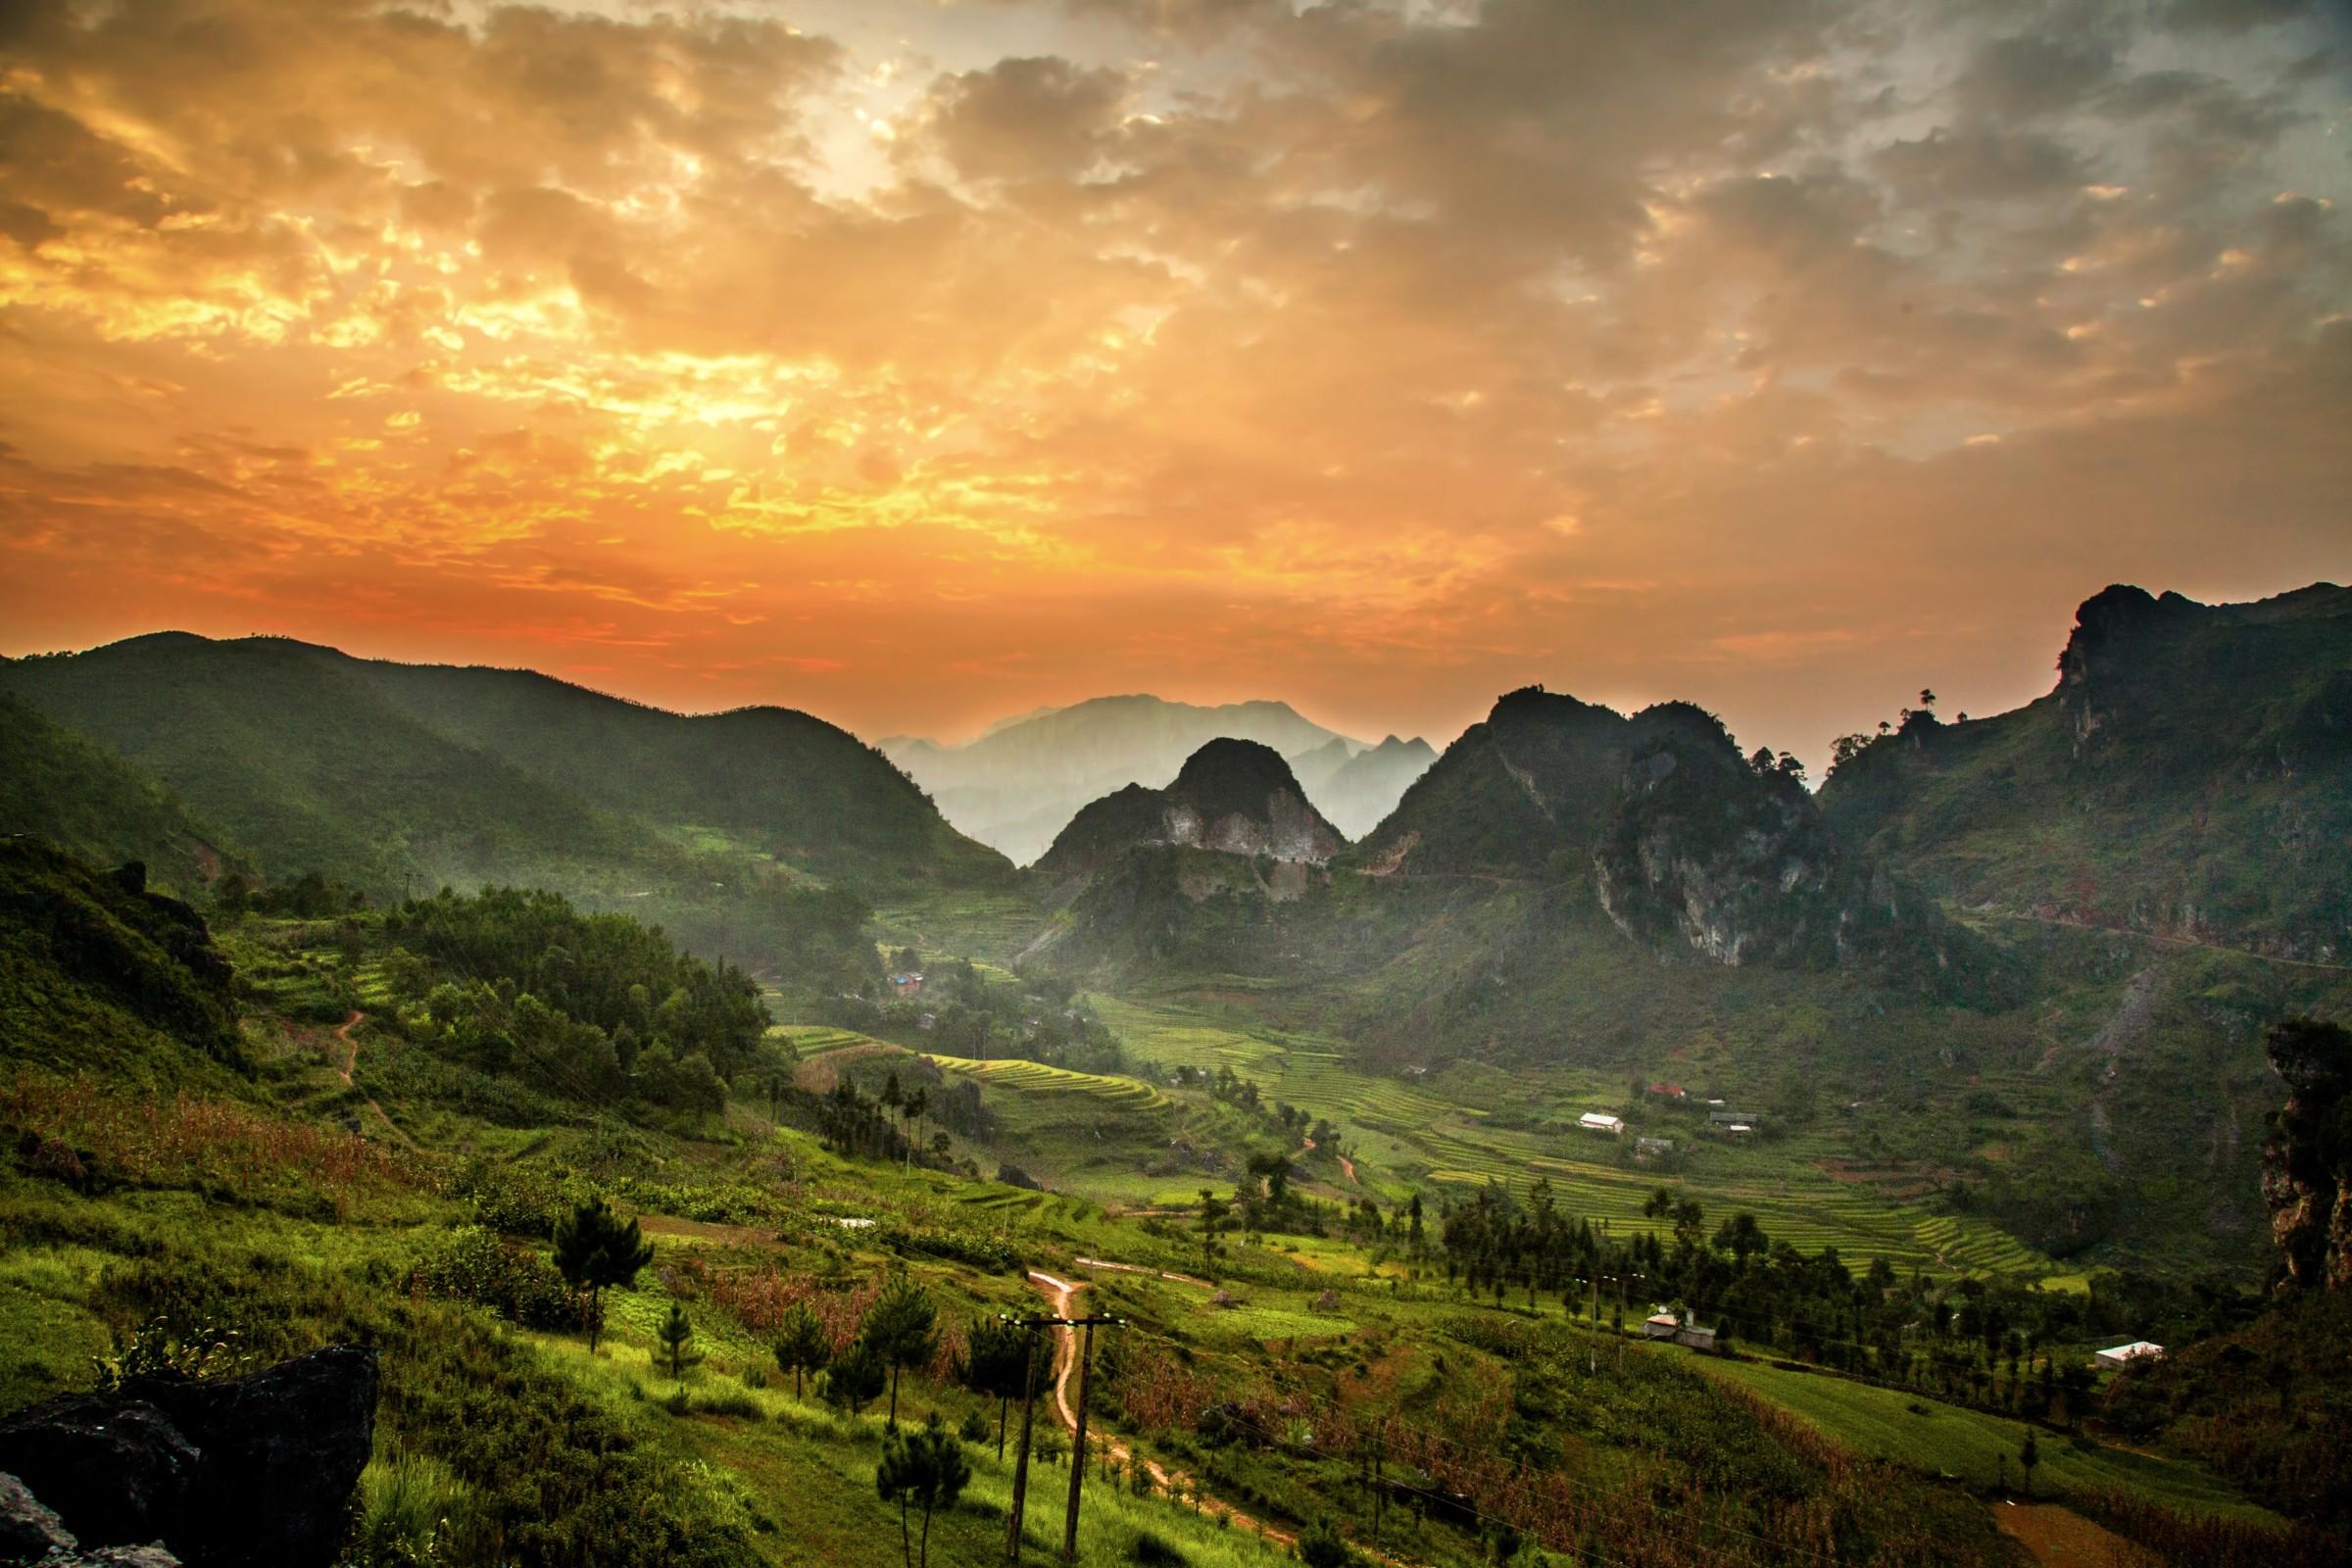 dong van valley vietnam